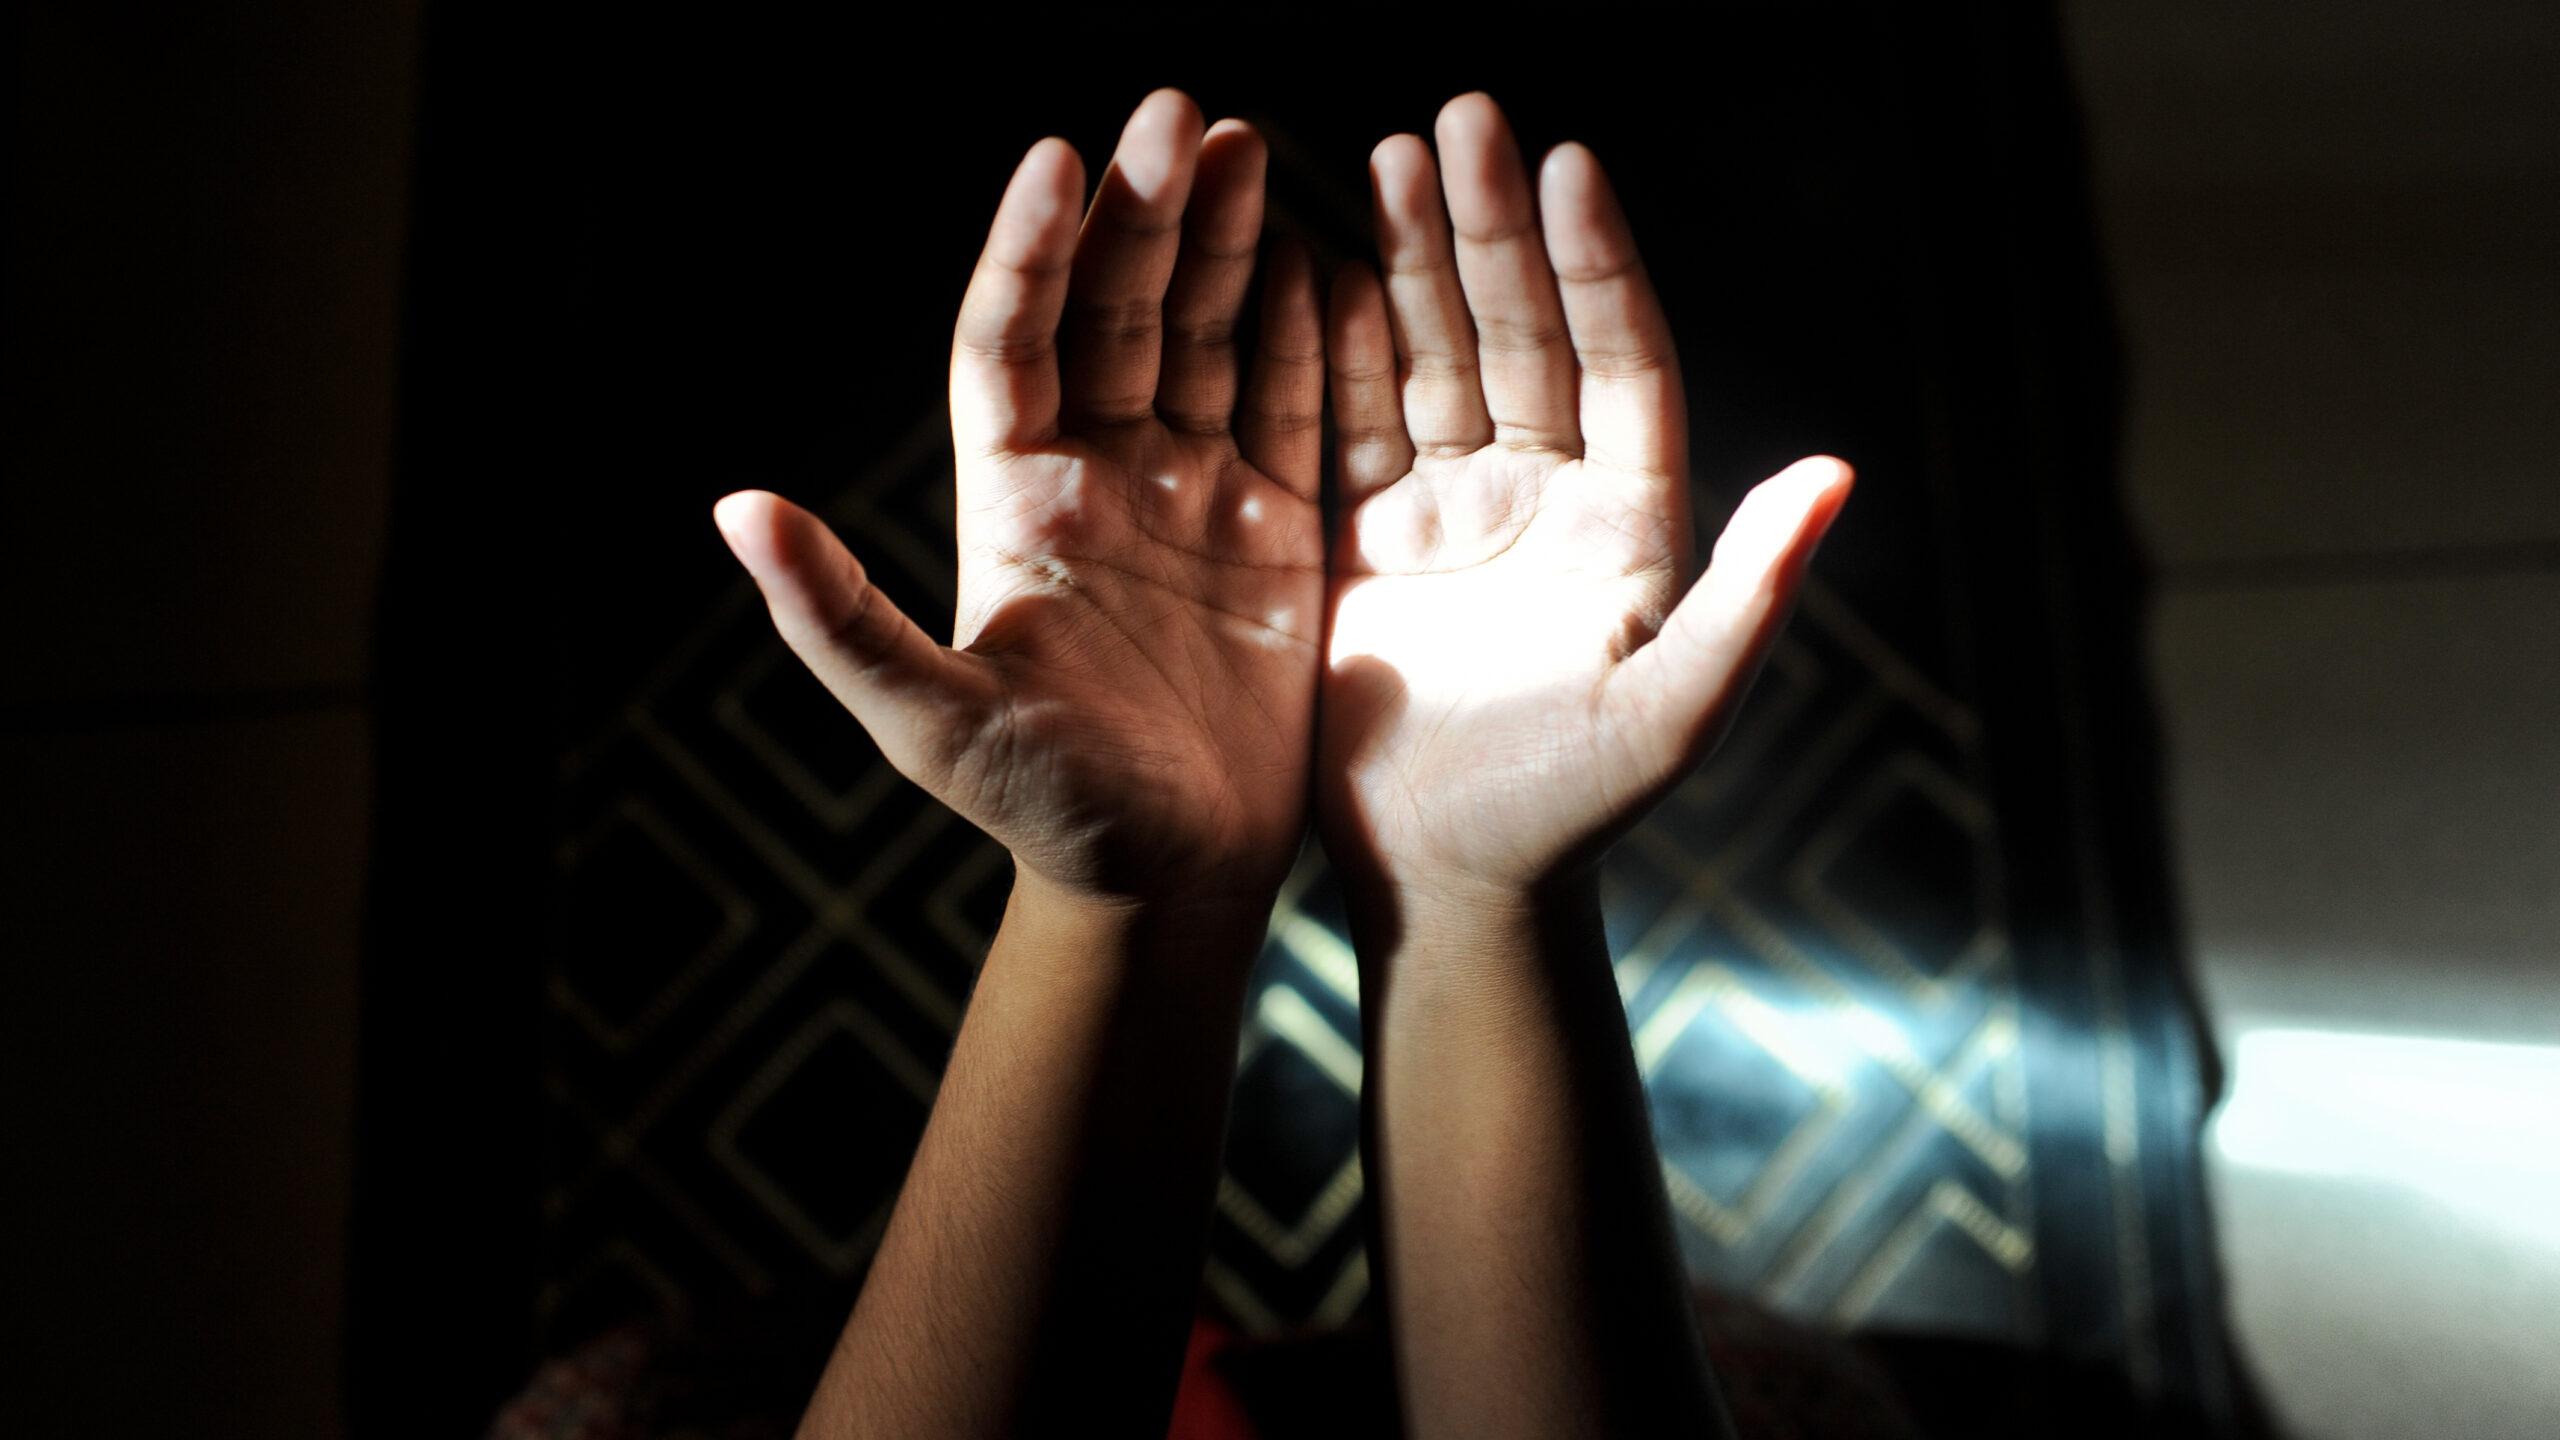 Dua Nedir? Hangi Durumlarda Dua Ederiz?